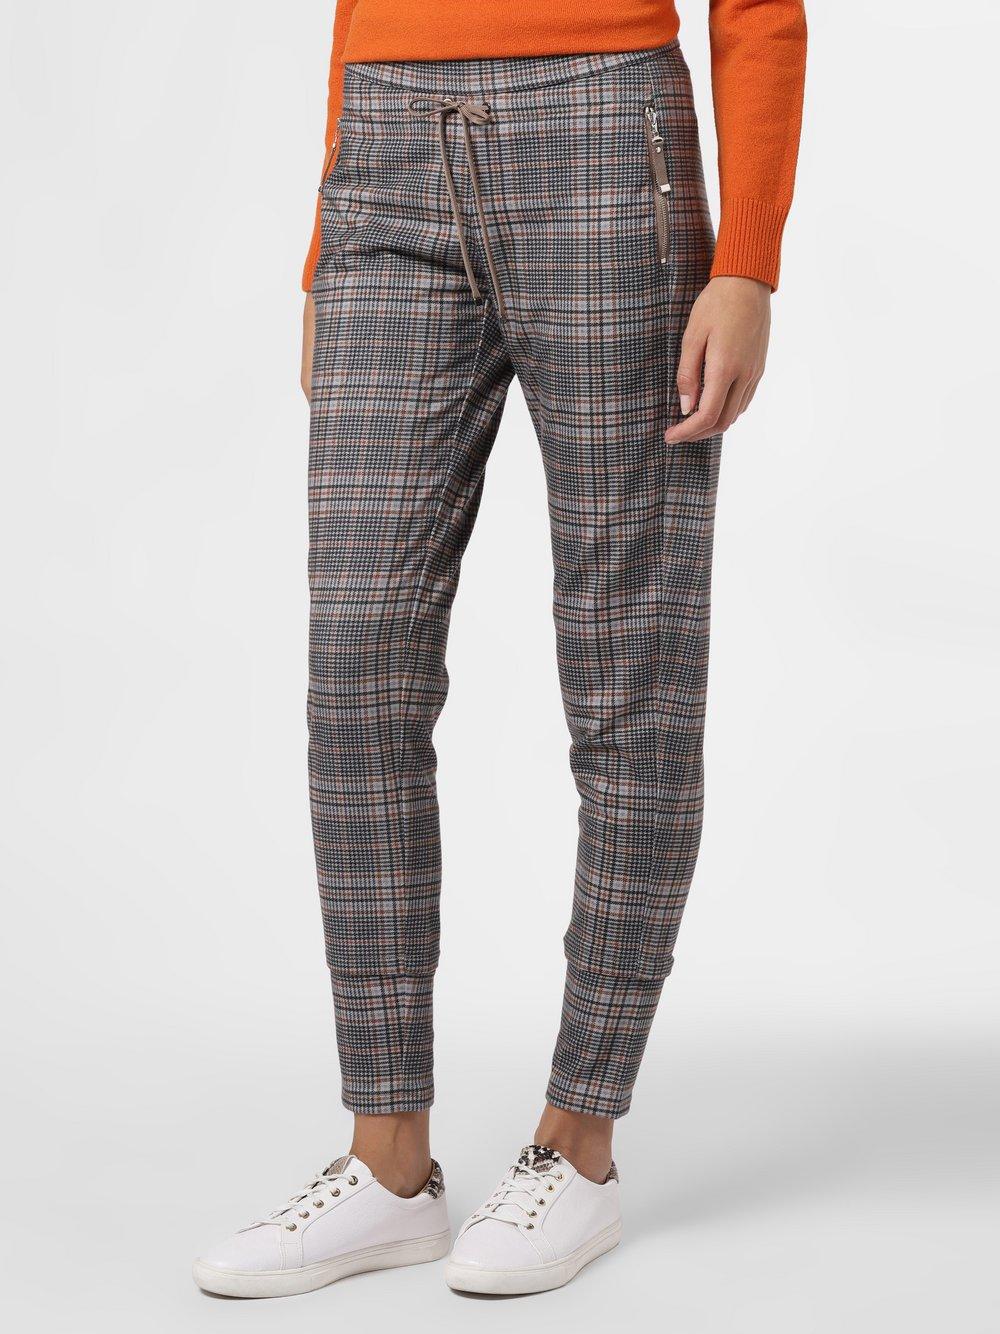 RAFFAELLO ROSSI – Spodnie damskie – Candy O, beżowy Van Graaf 483908-0001-00380